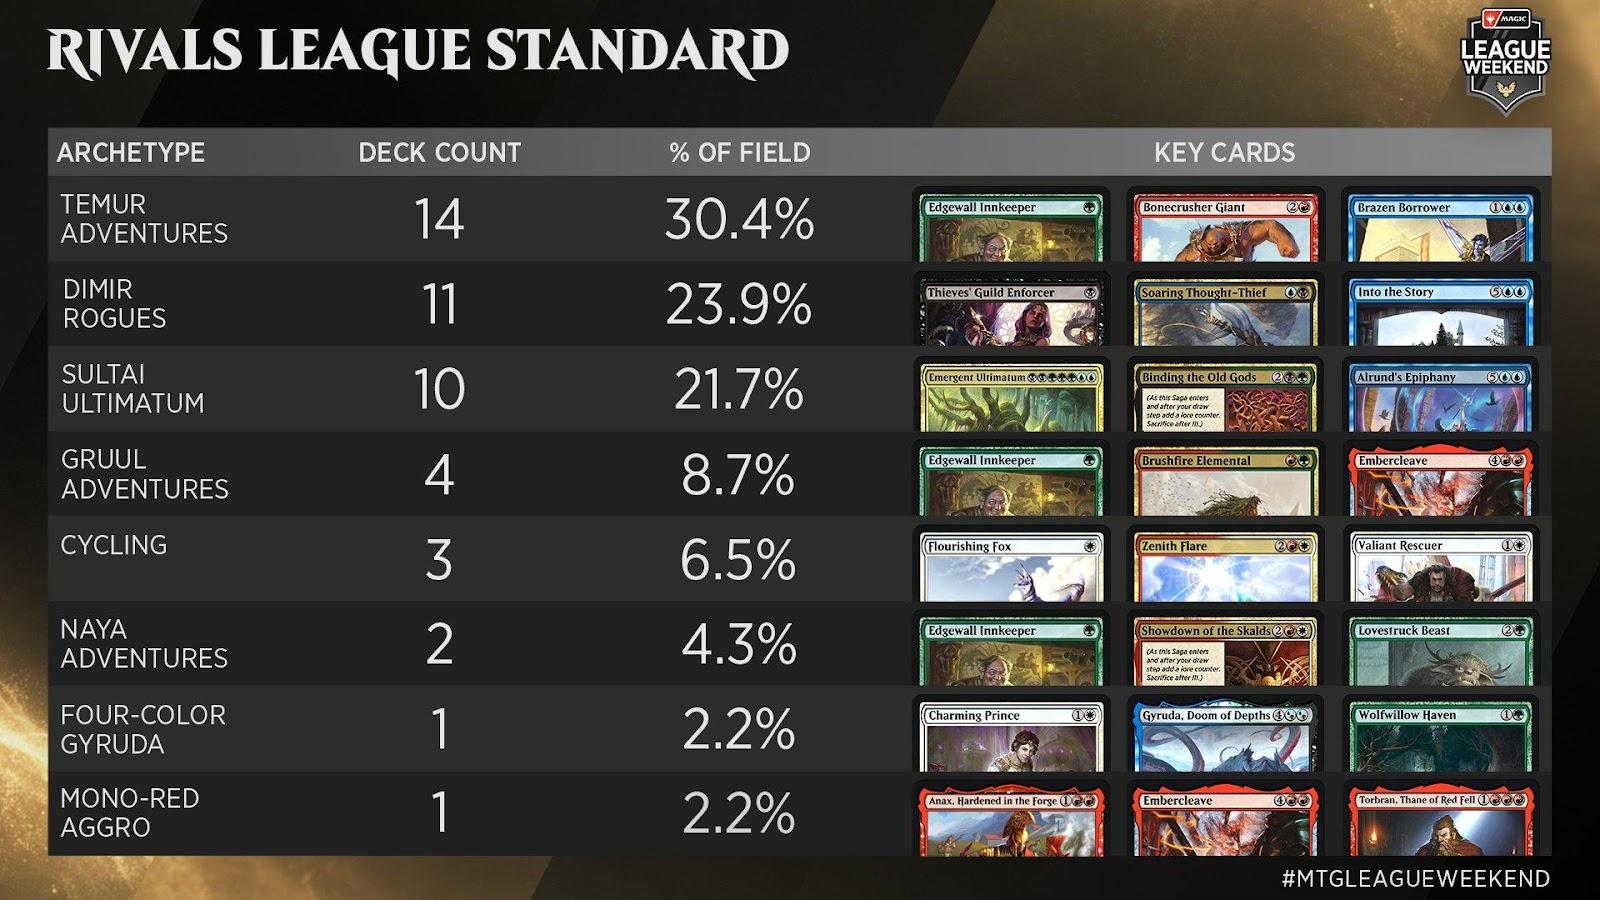 C:UsersJosef JanákDesktopMagicStředeční VýhledyStředeční Výhledy 8Rivals League - Standard Metagame.jpg